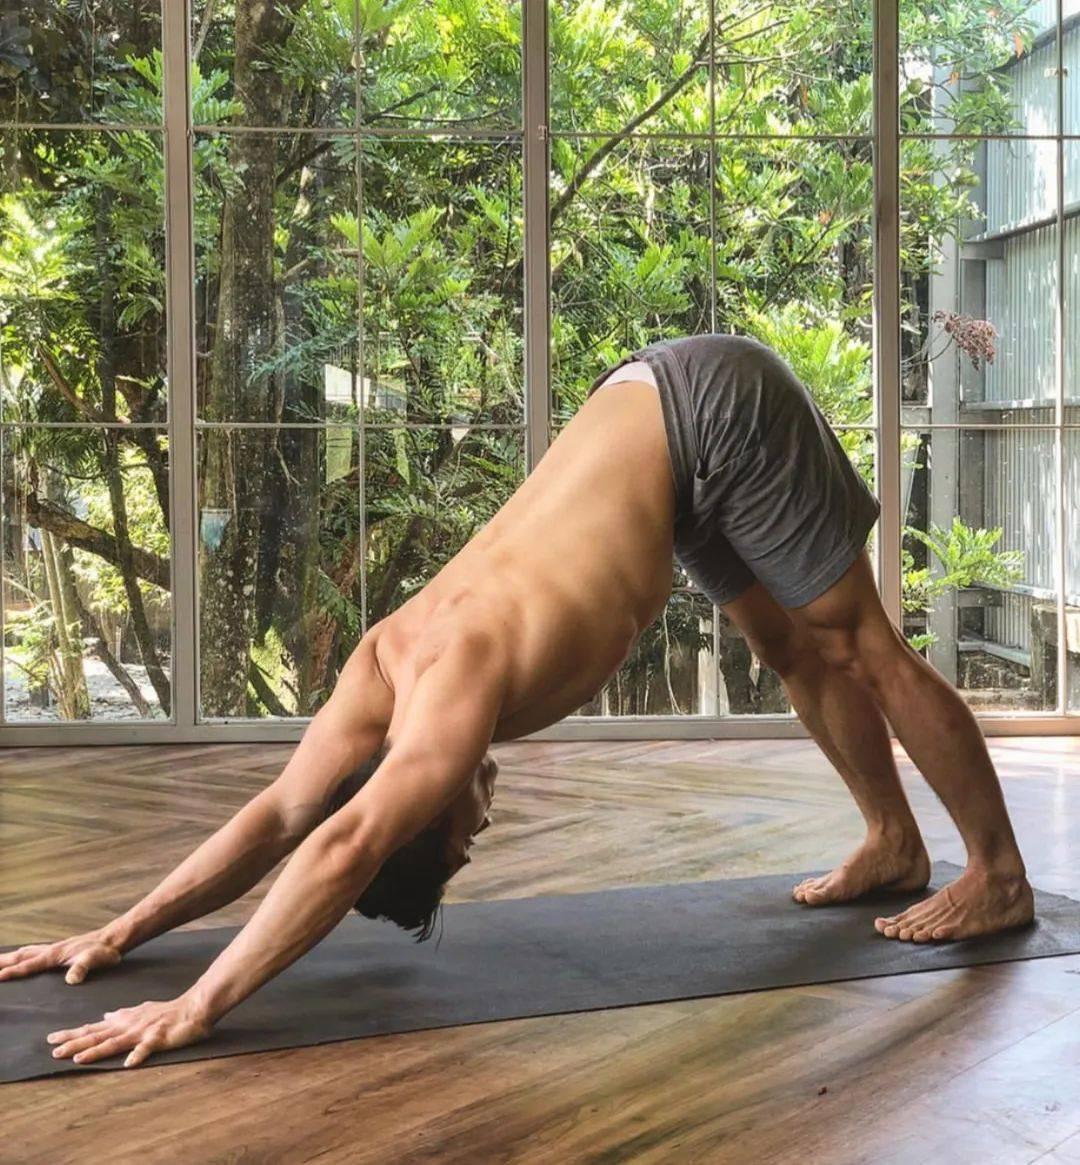 自律练瑜伽的男人,到底有多帅!_体式